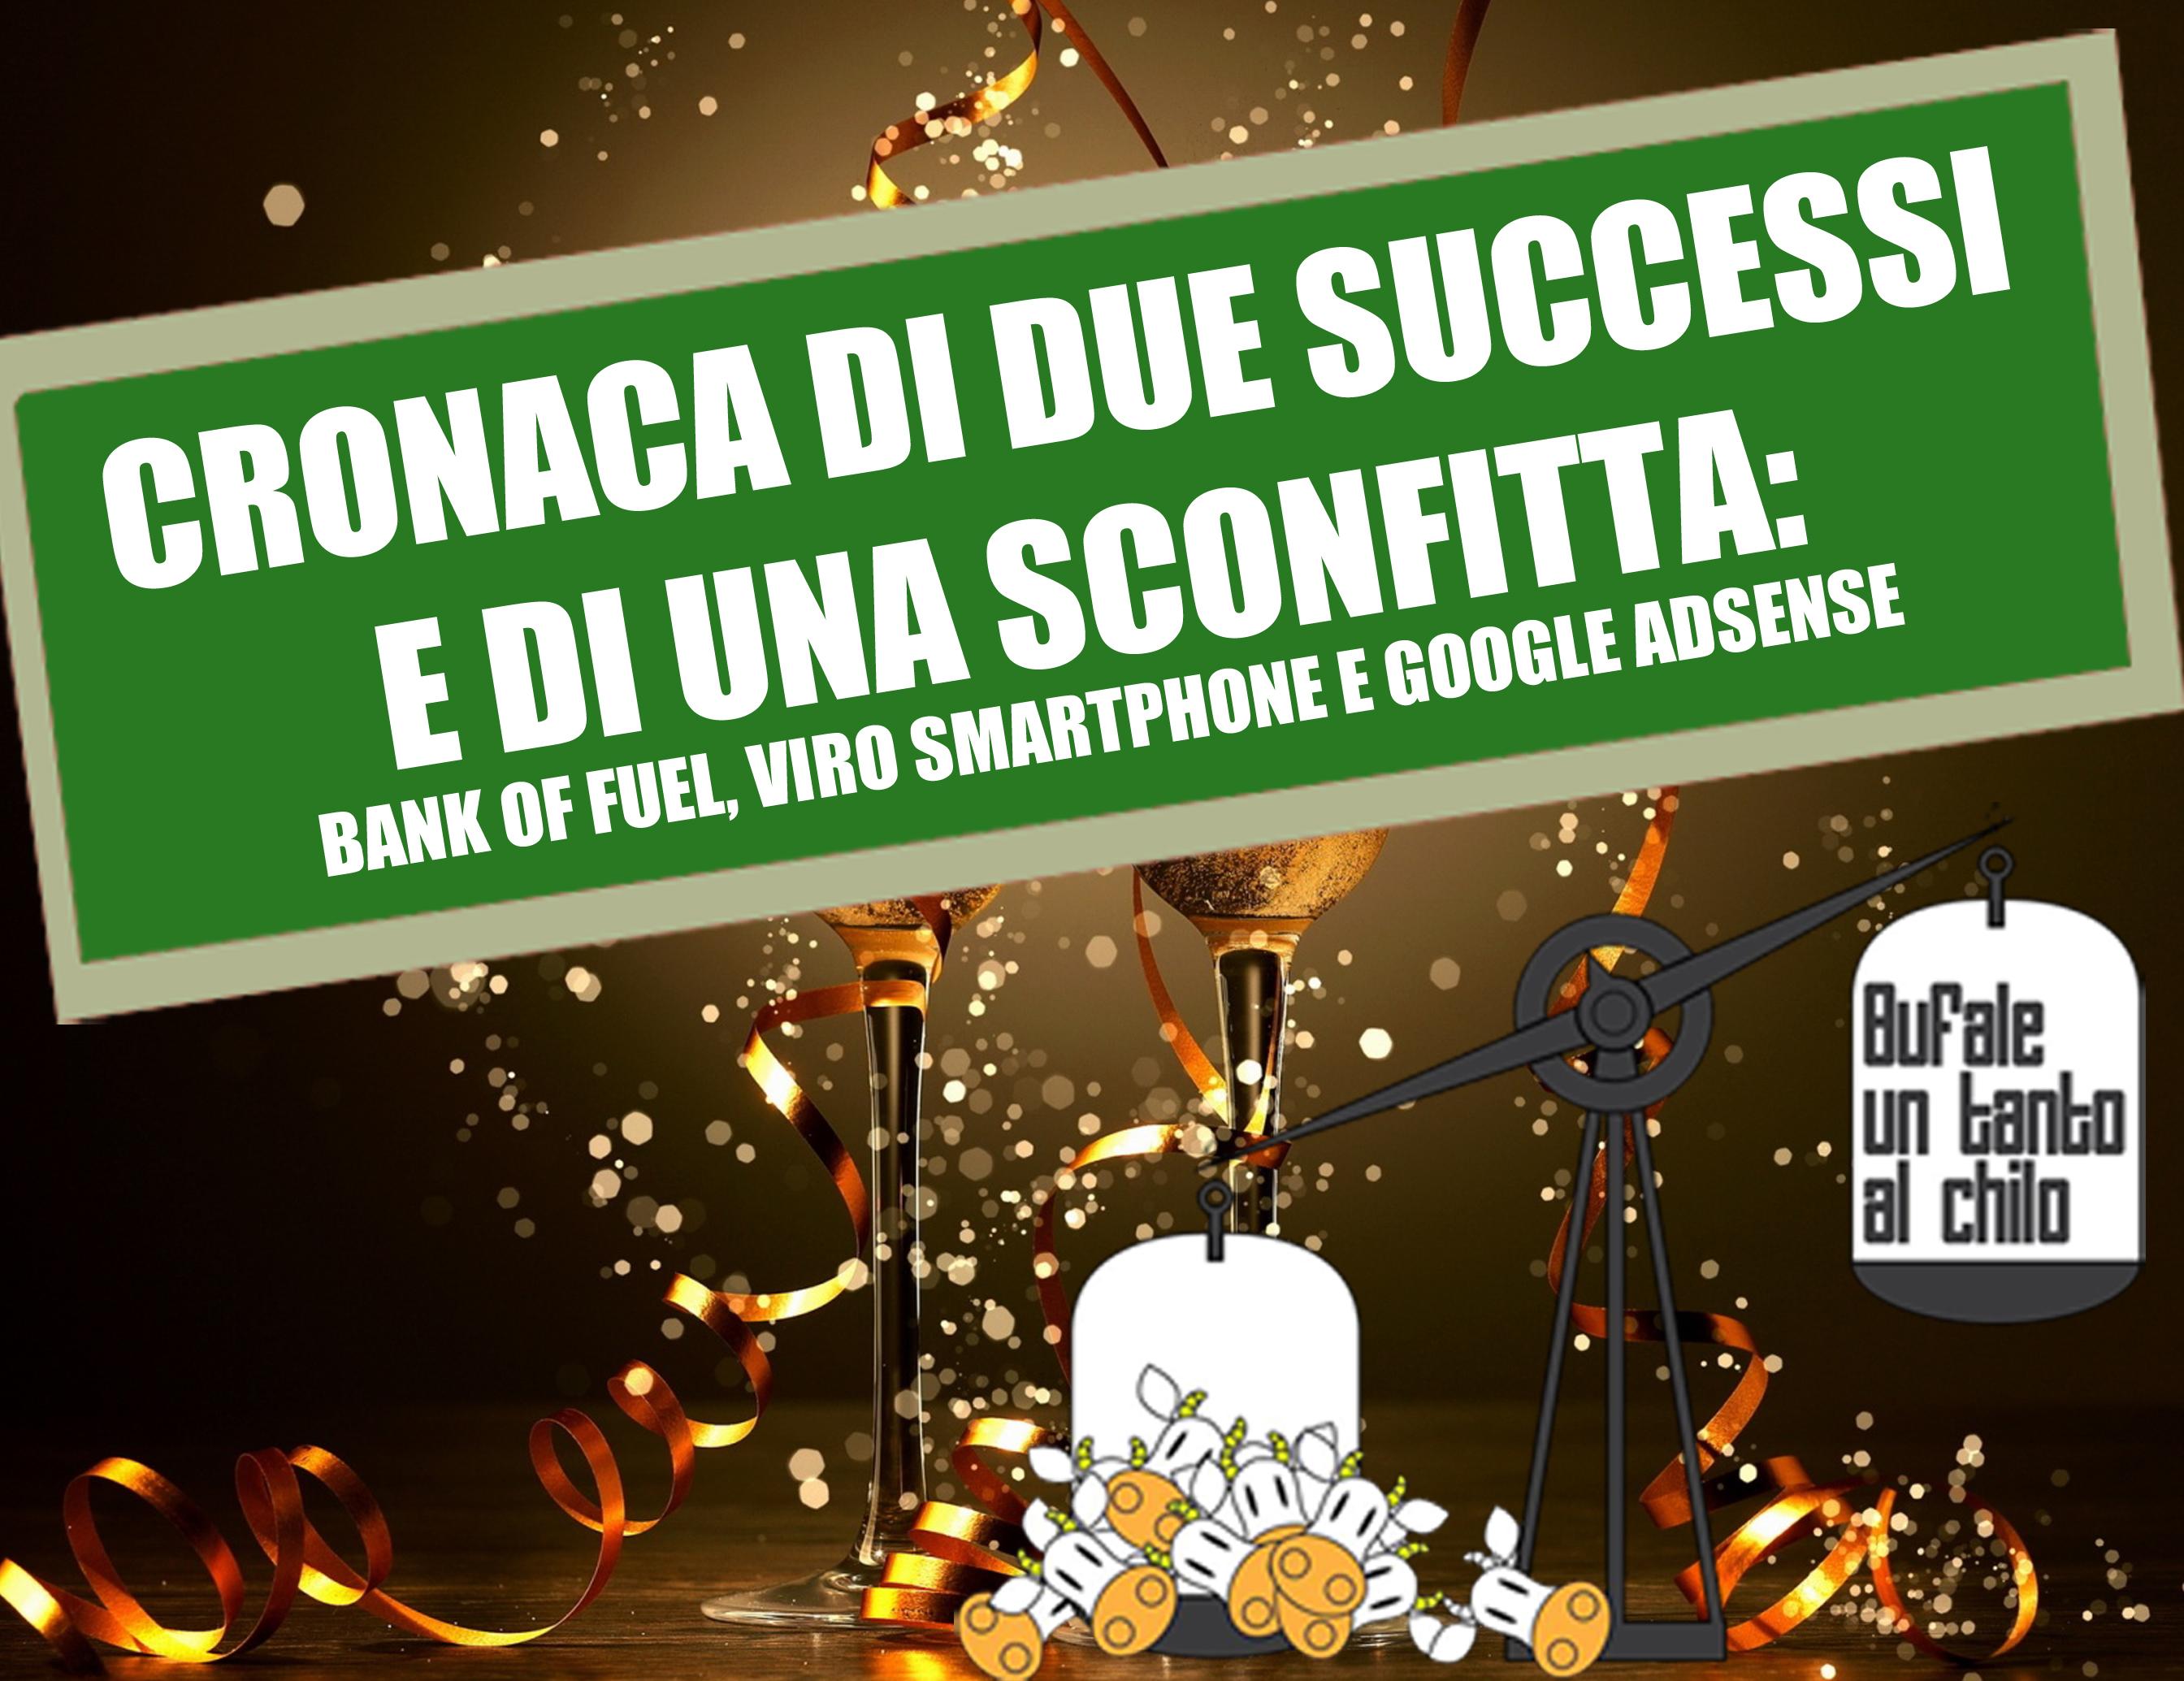 SUCCESSI-SCONFITTE